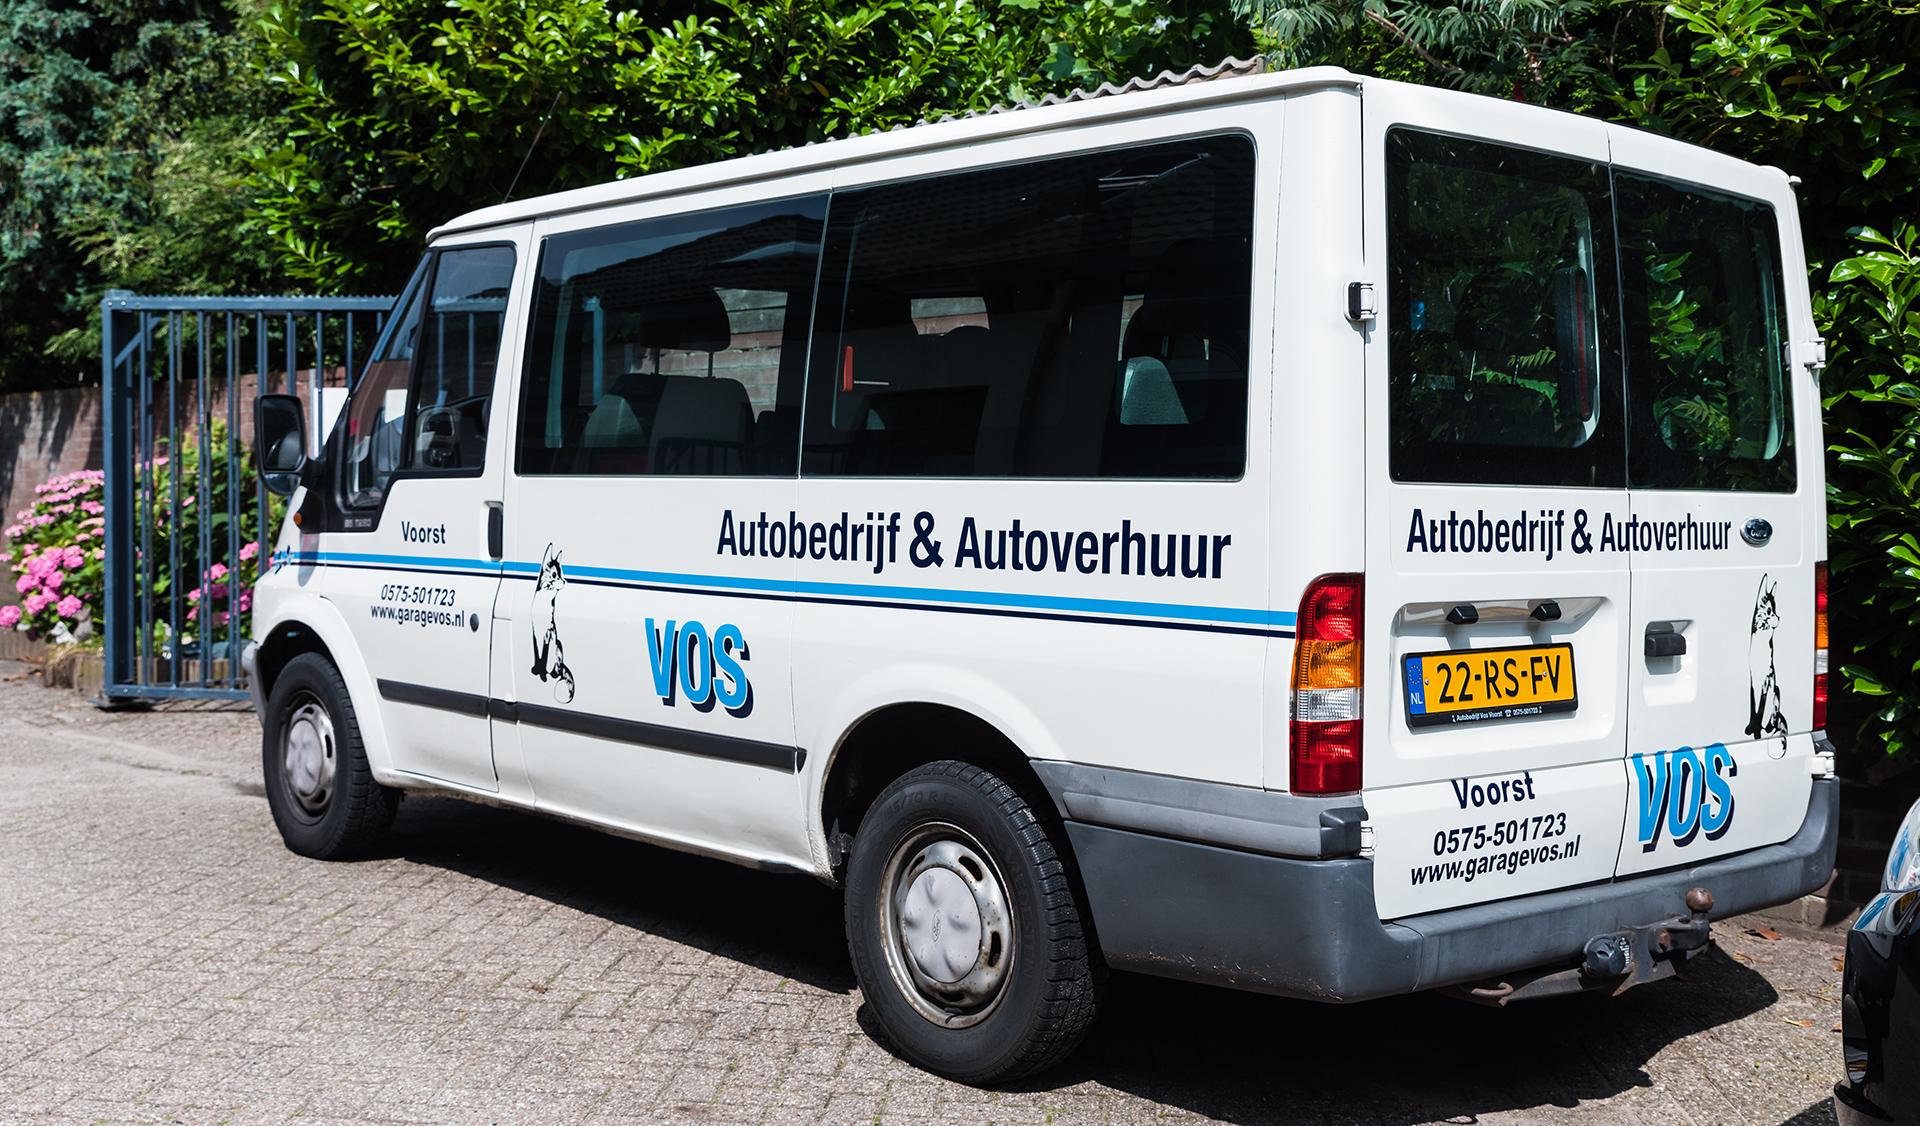 Personenbus Autobedrijf Vos